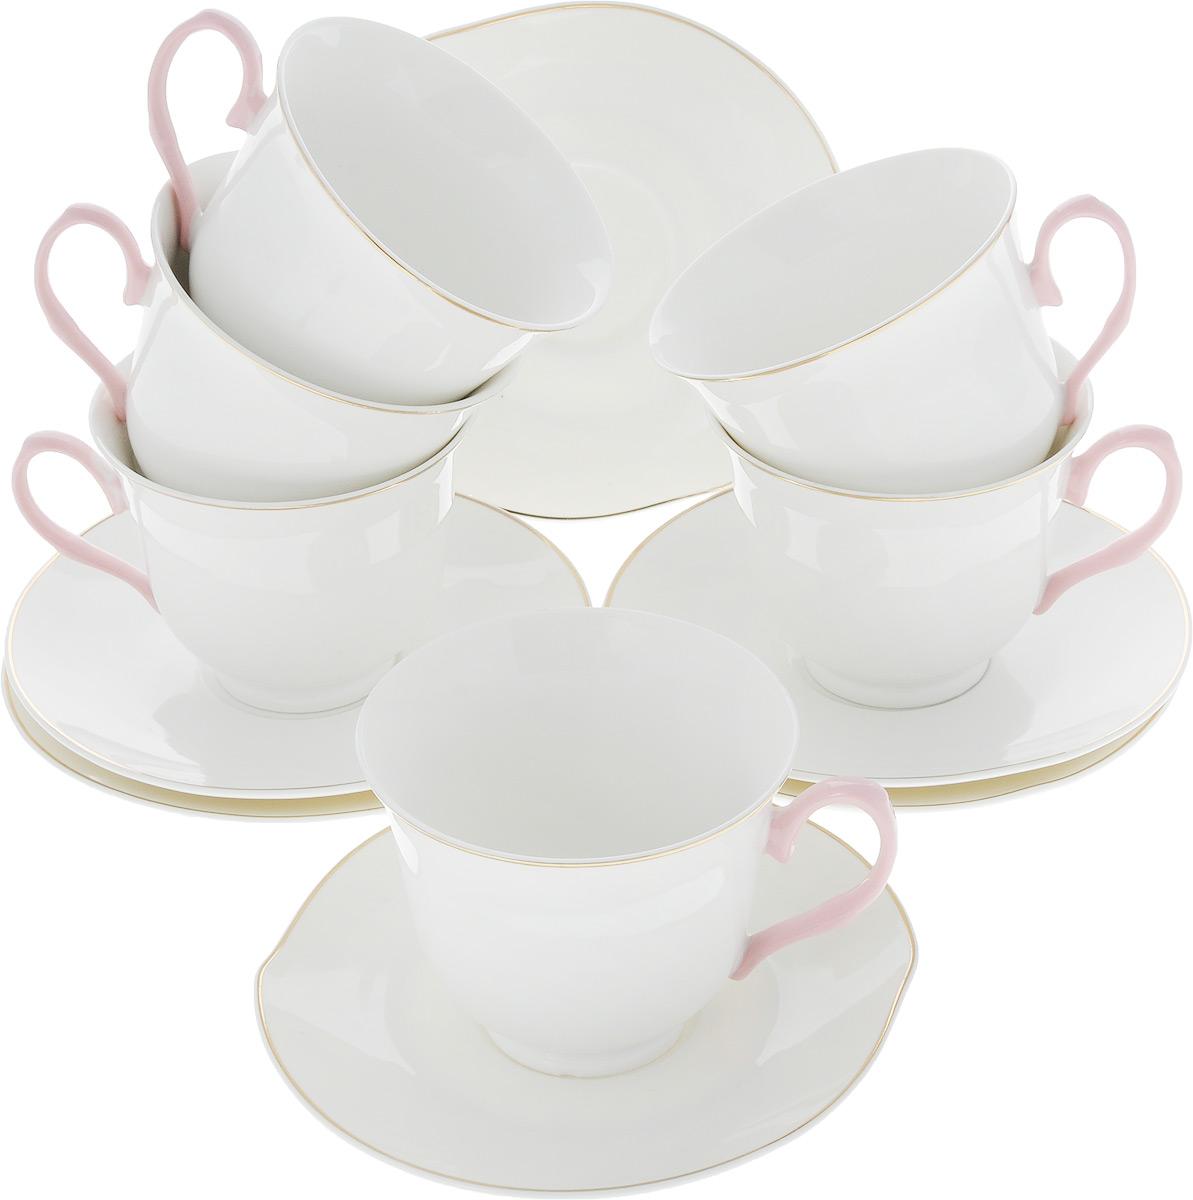 Сервиз чайный Loraine Нежность, 12 предметов. 26643 чайный сервиз loraine 200 мл 12 предметов 25931